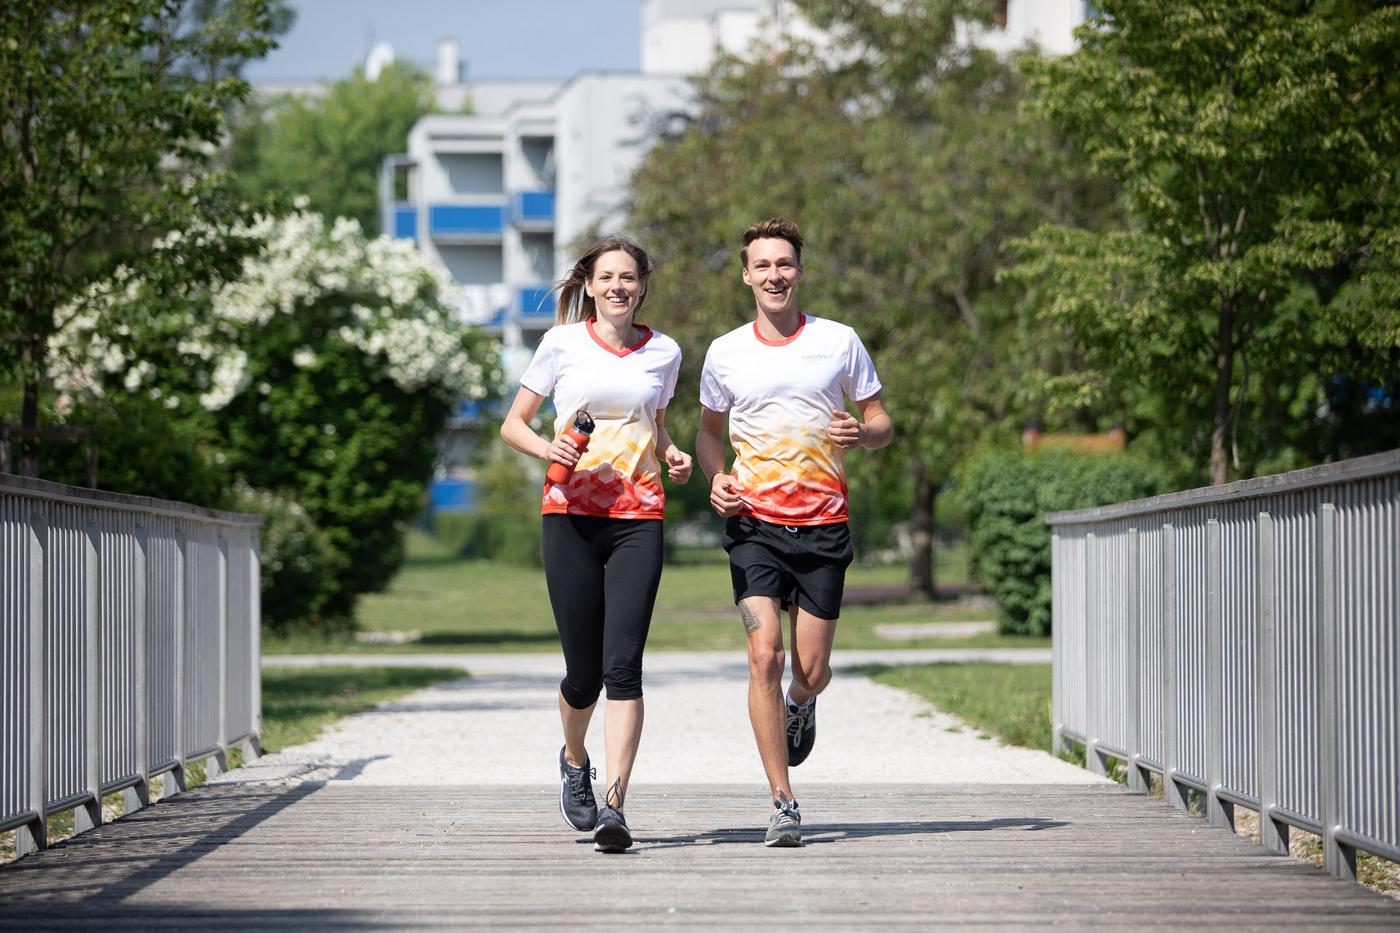 ein junges Paar beim Laufen